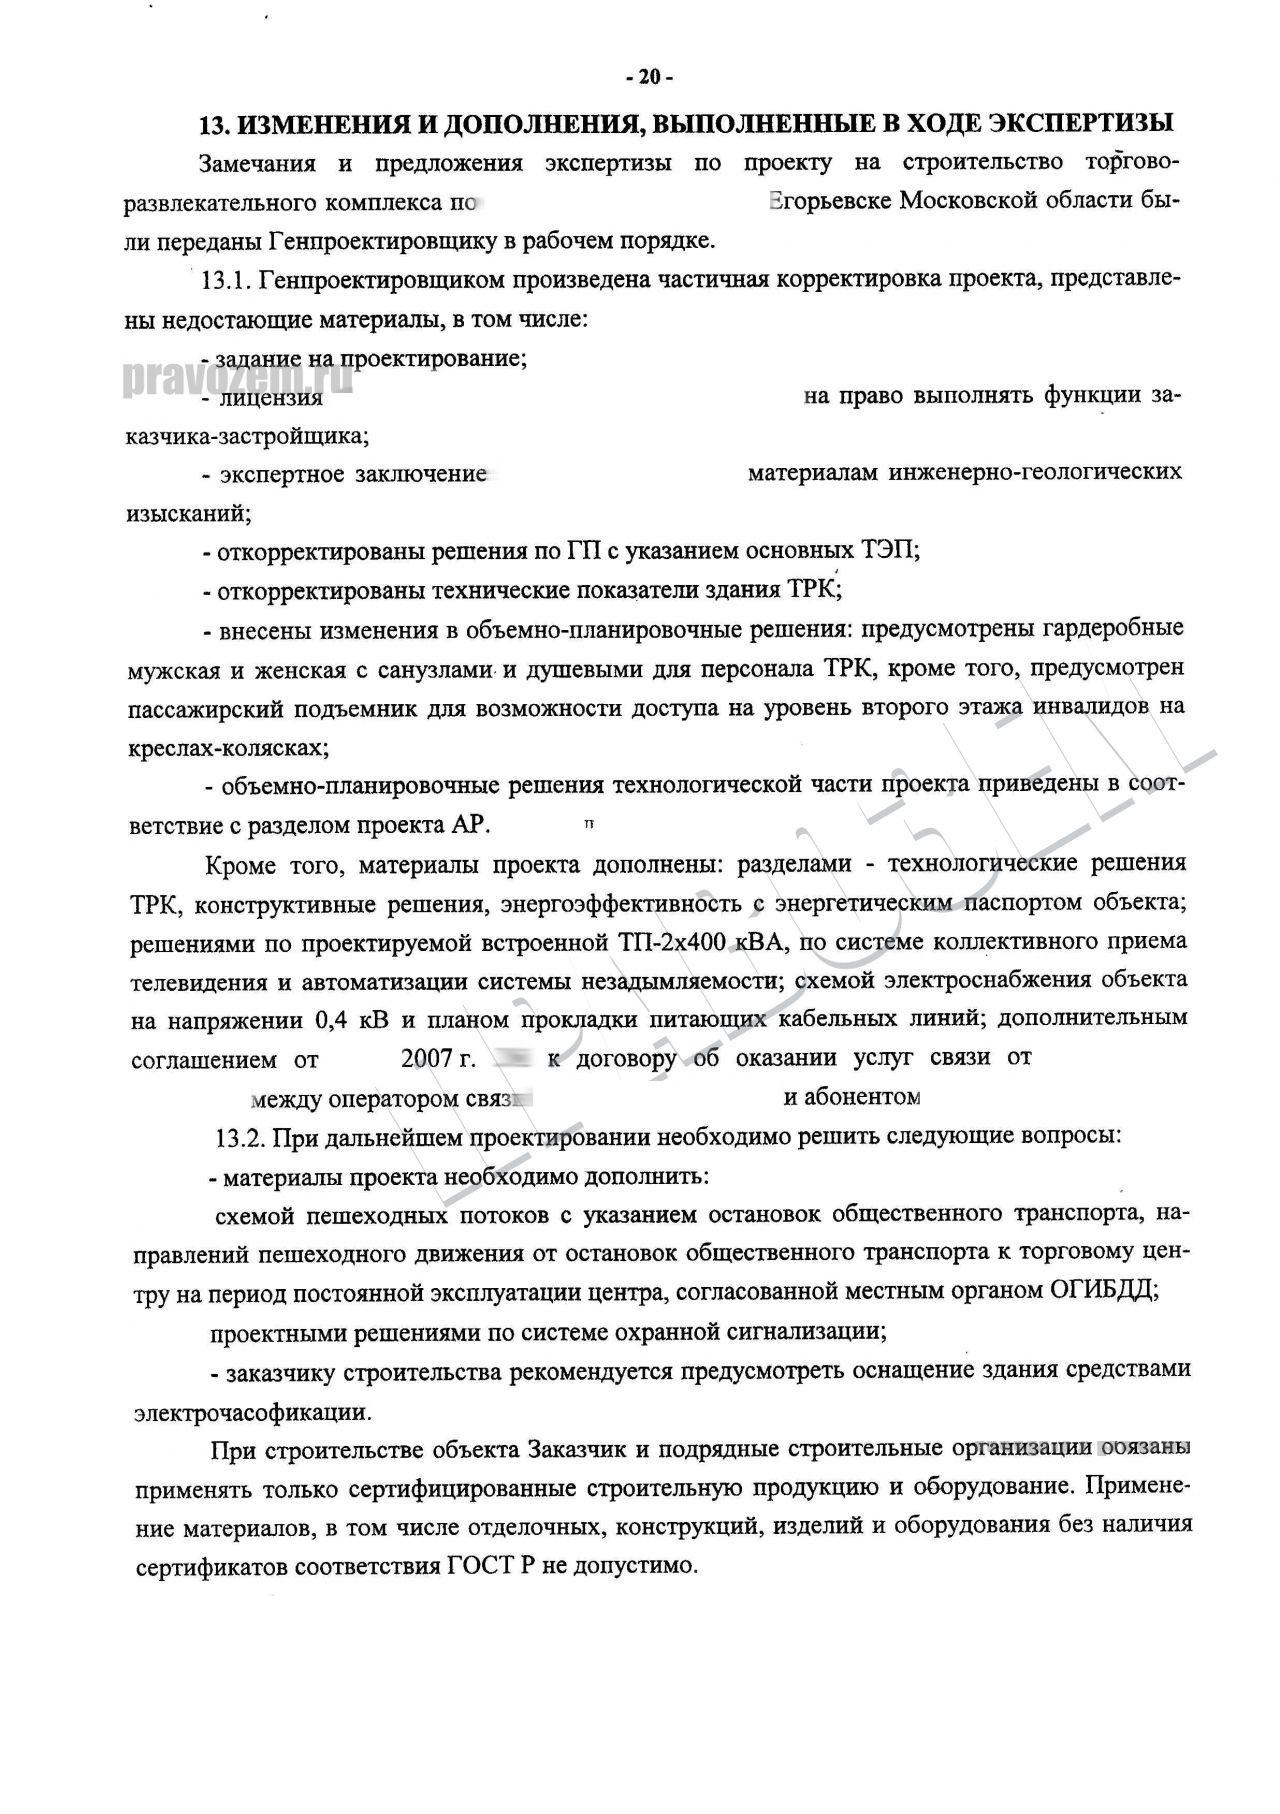 Экспертиза проектной документации торгово-развлекательного комплекса в Егорьевске